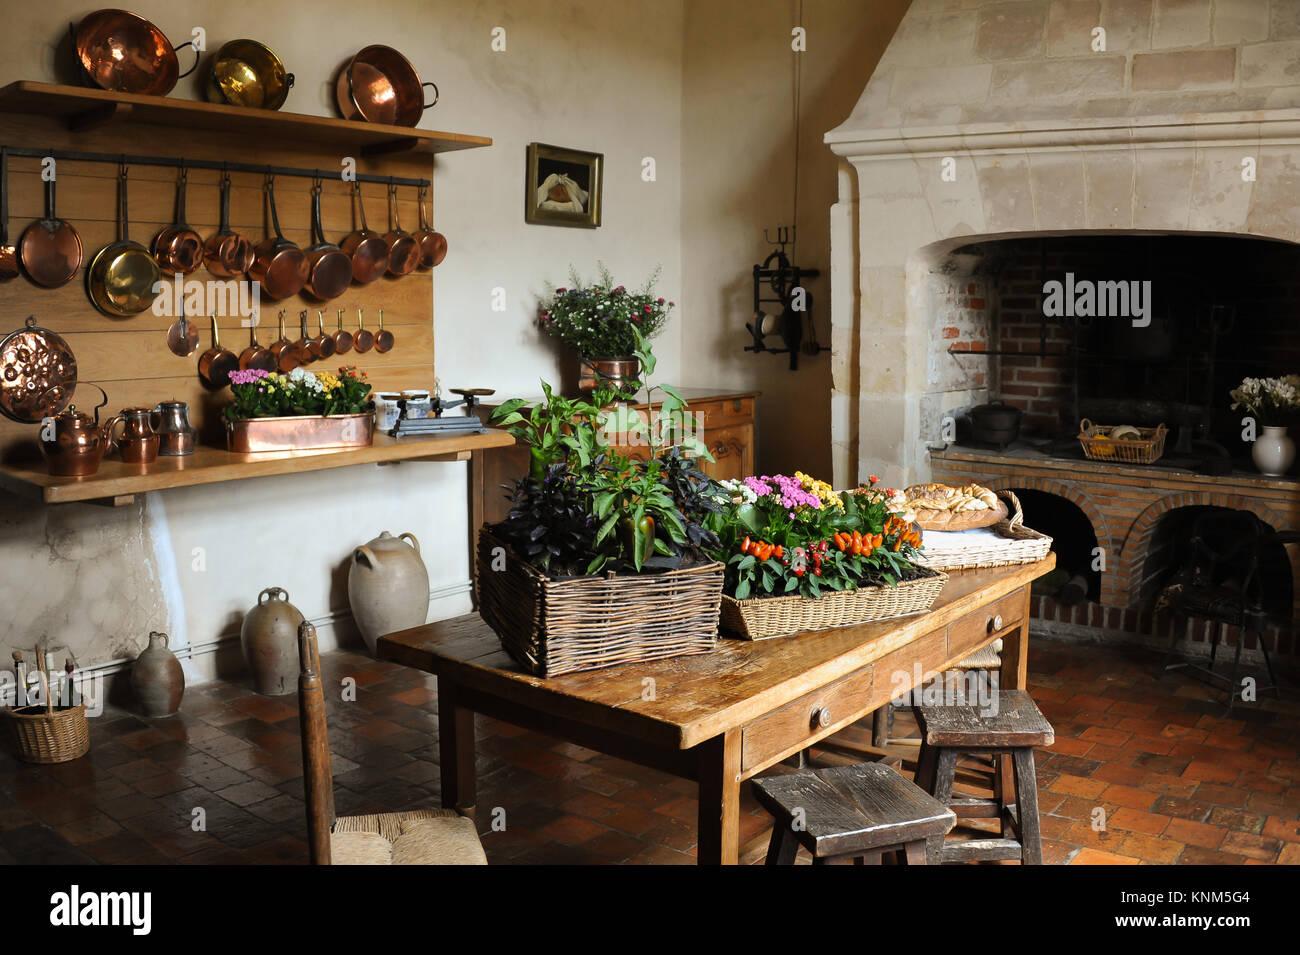 Antico borgo medievale cucina pentole in rame camino tavolo sedie ...